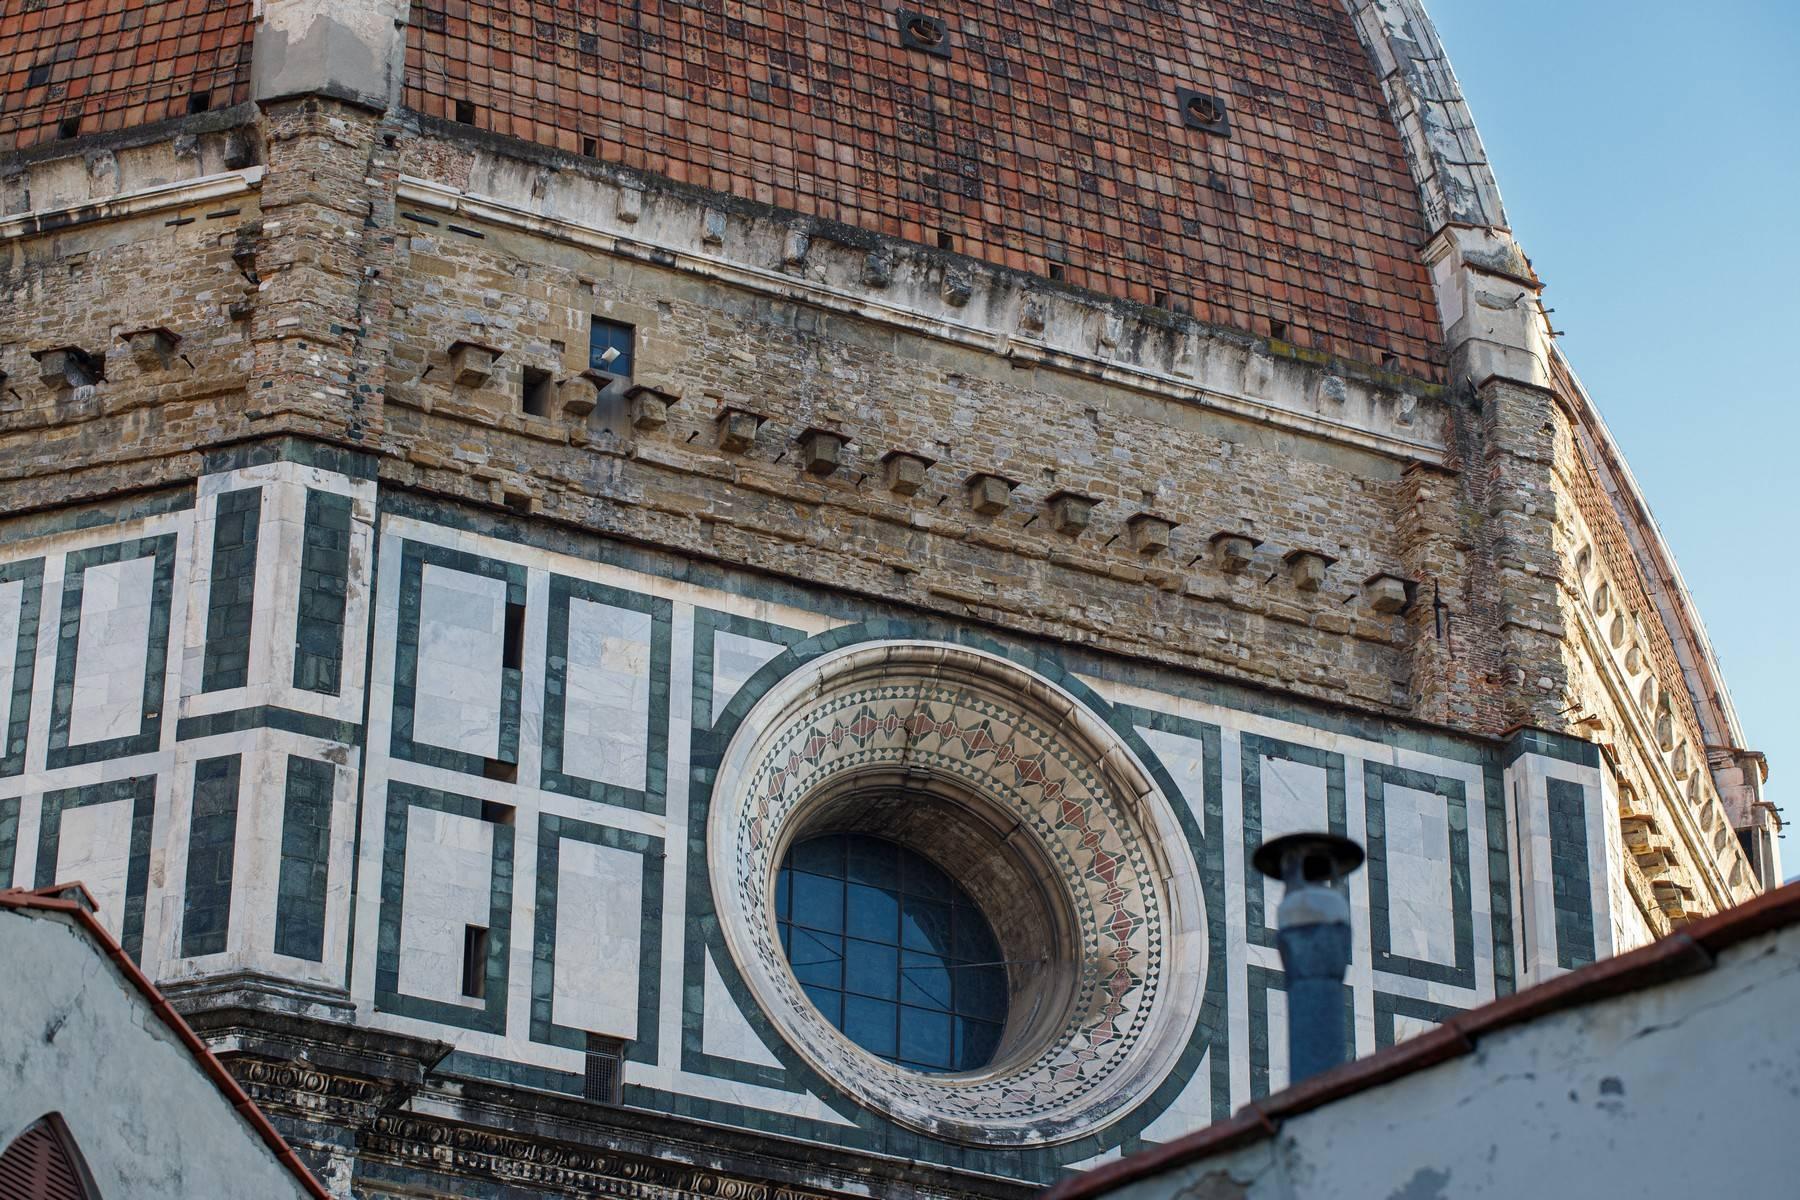 Attico con vista monumentale sul Duomo - 2